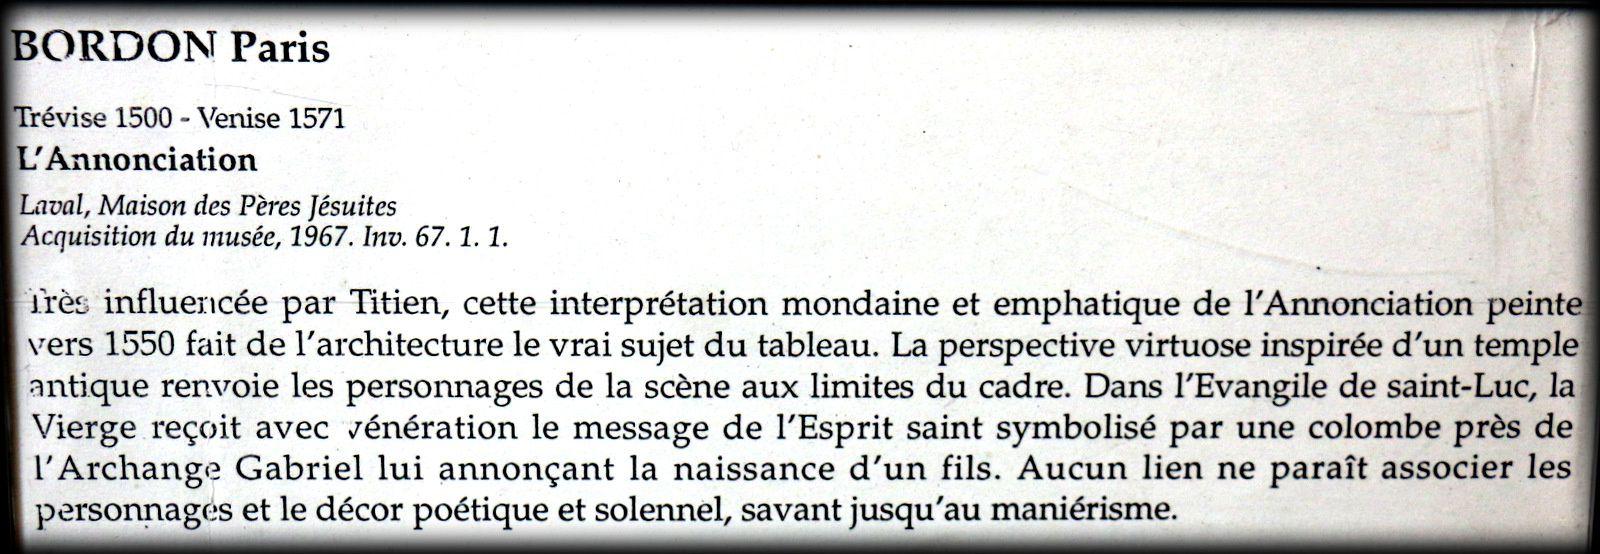 L'Annonciation, tableau de Paris Bordon